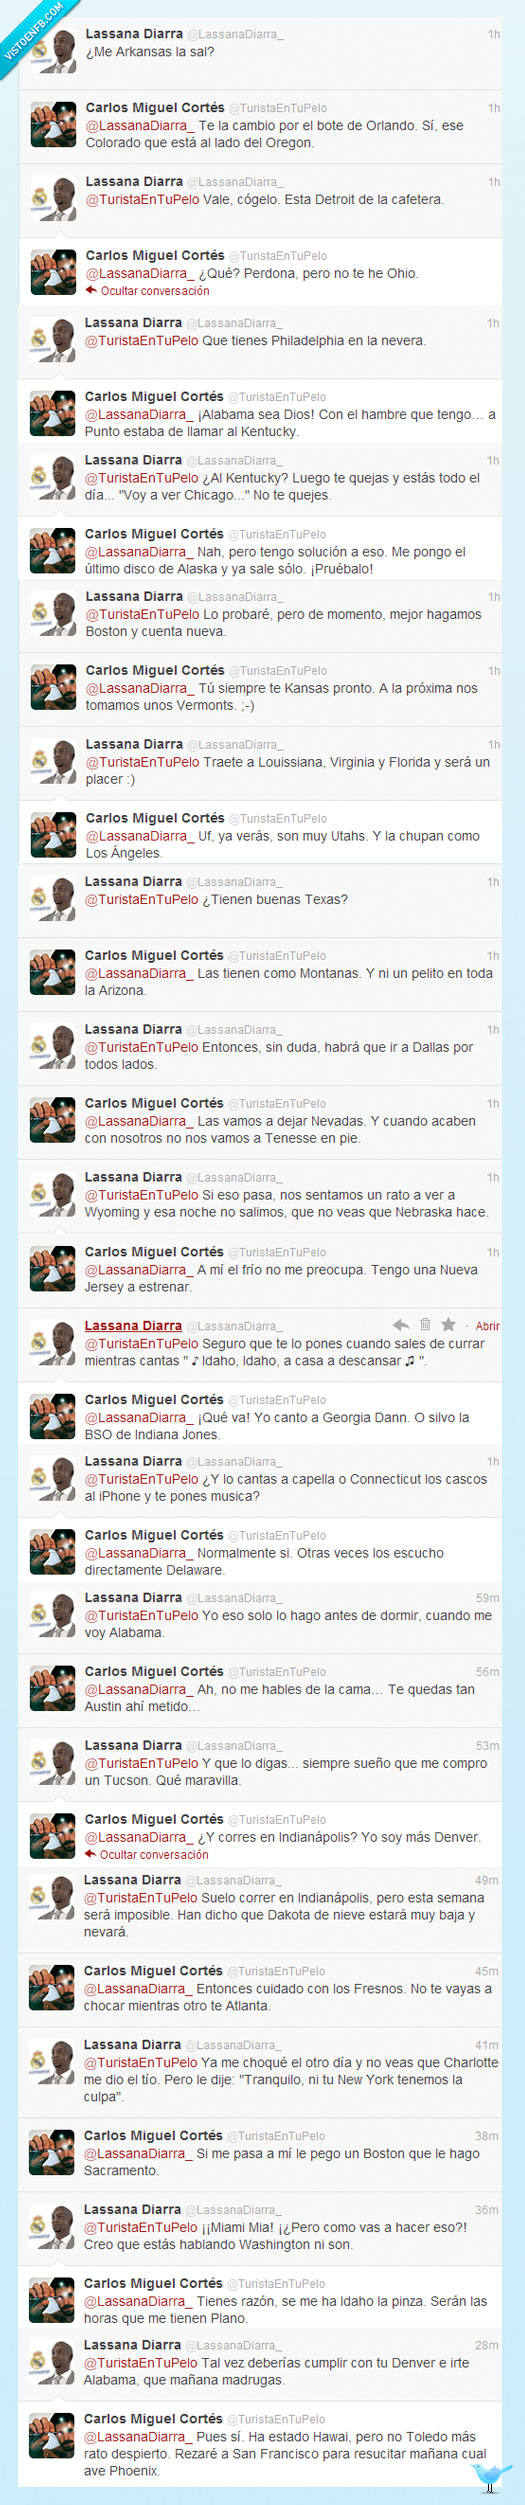 291676 - Geografía Estadounidense por @LassanaDiarra_ y @TuristaEnTuPelo